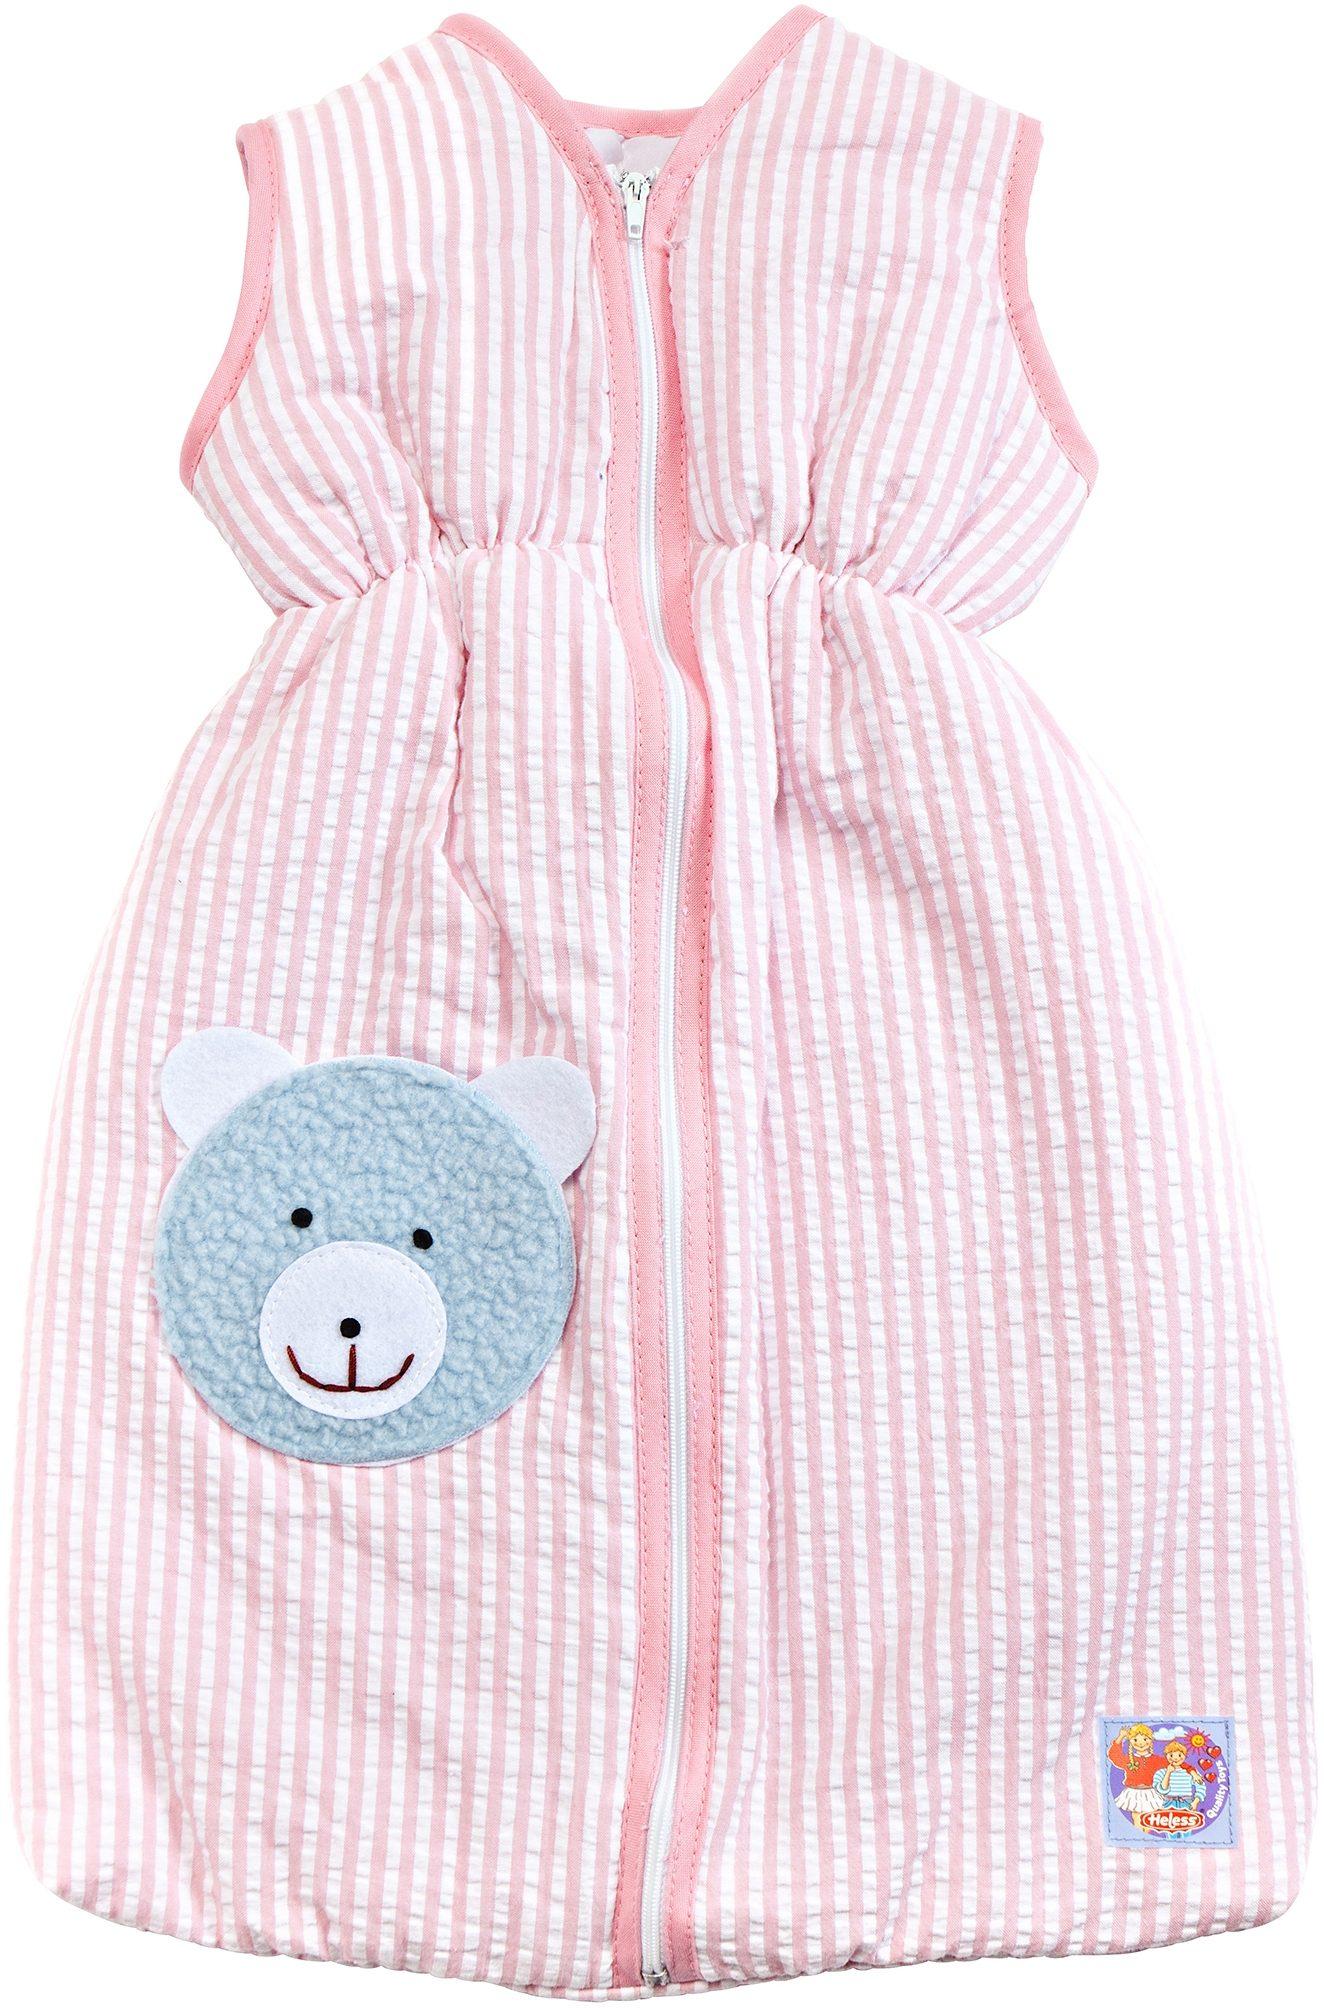 Heless® Puppenzubehör, 27 cm, »Schlafsack rosa«